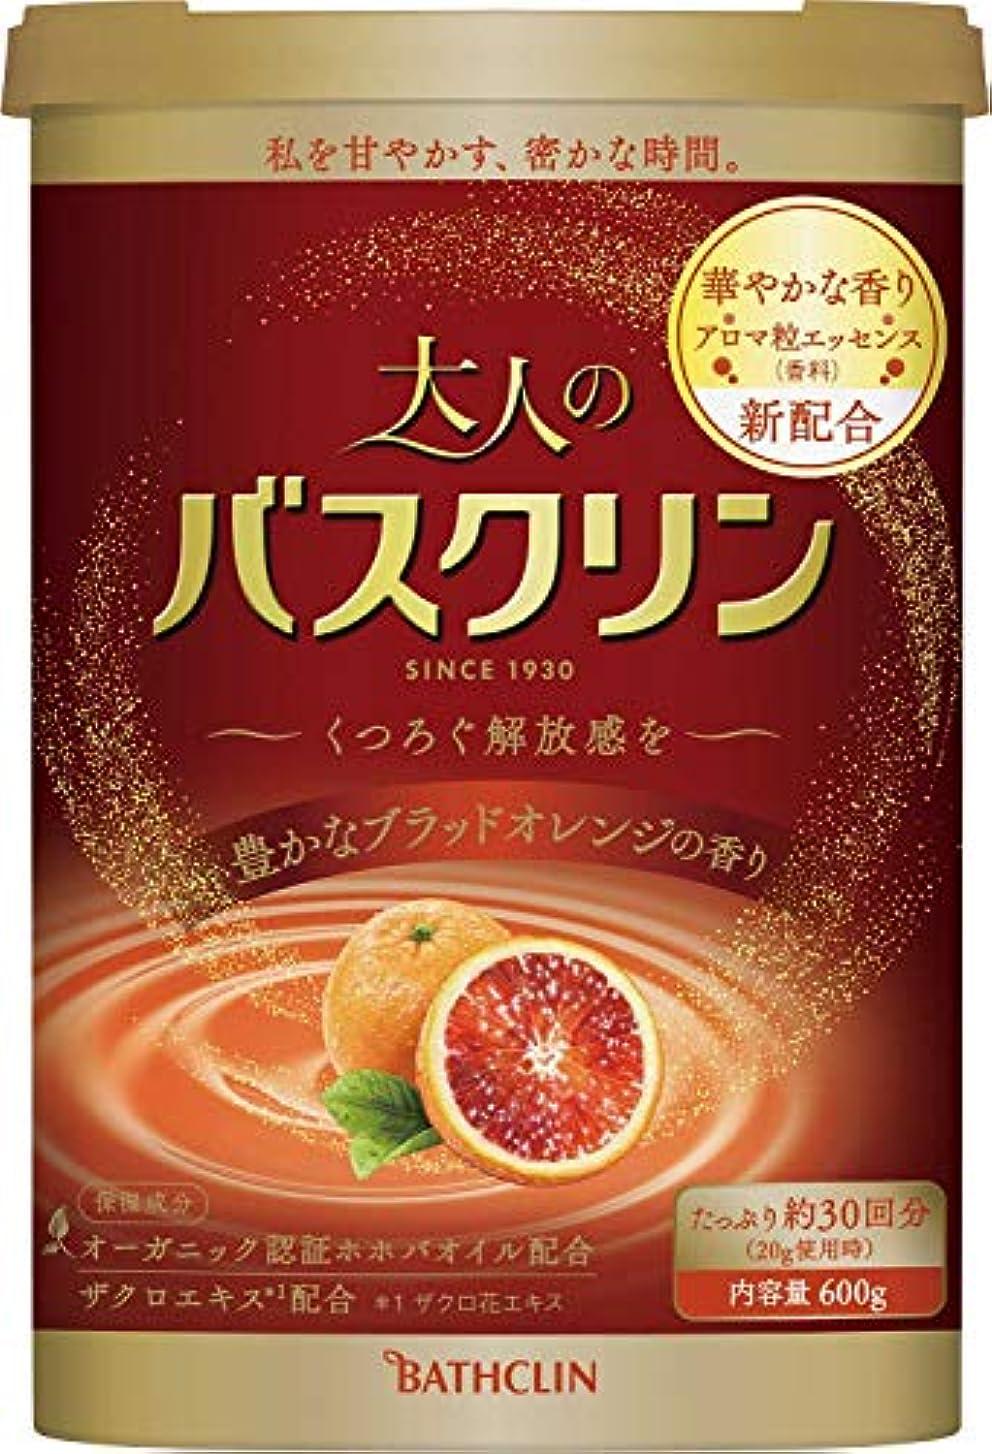 なだめる敬礼ソーシャル大人のバスクリン入浴剤 豊かなブラッドオレンジの香り600g(約30回分) リラックス にごりタイプ